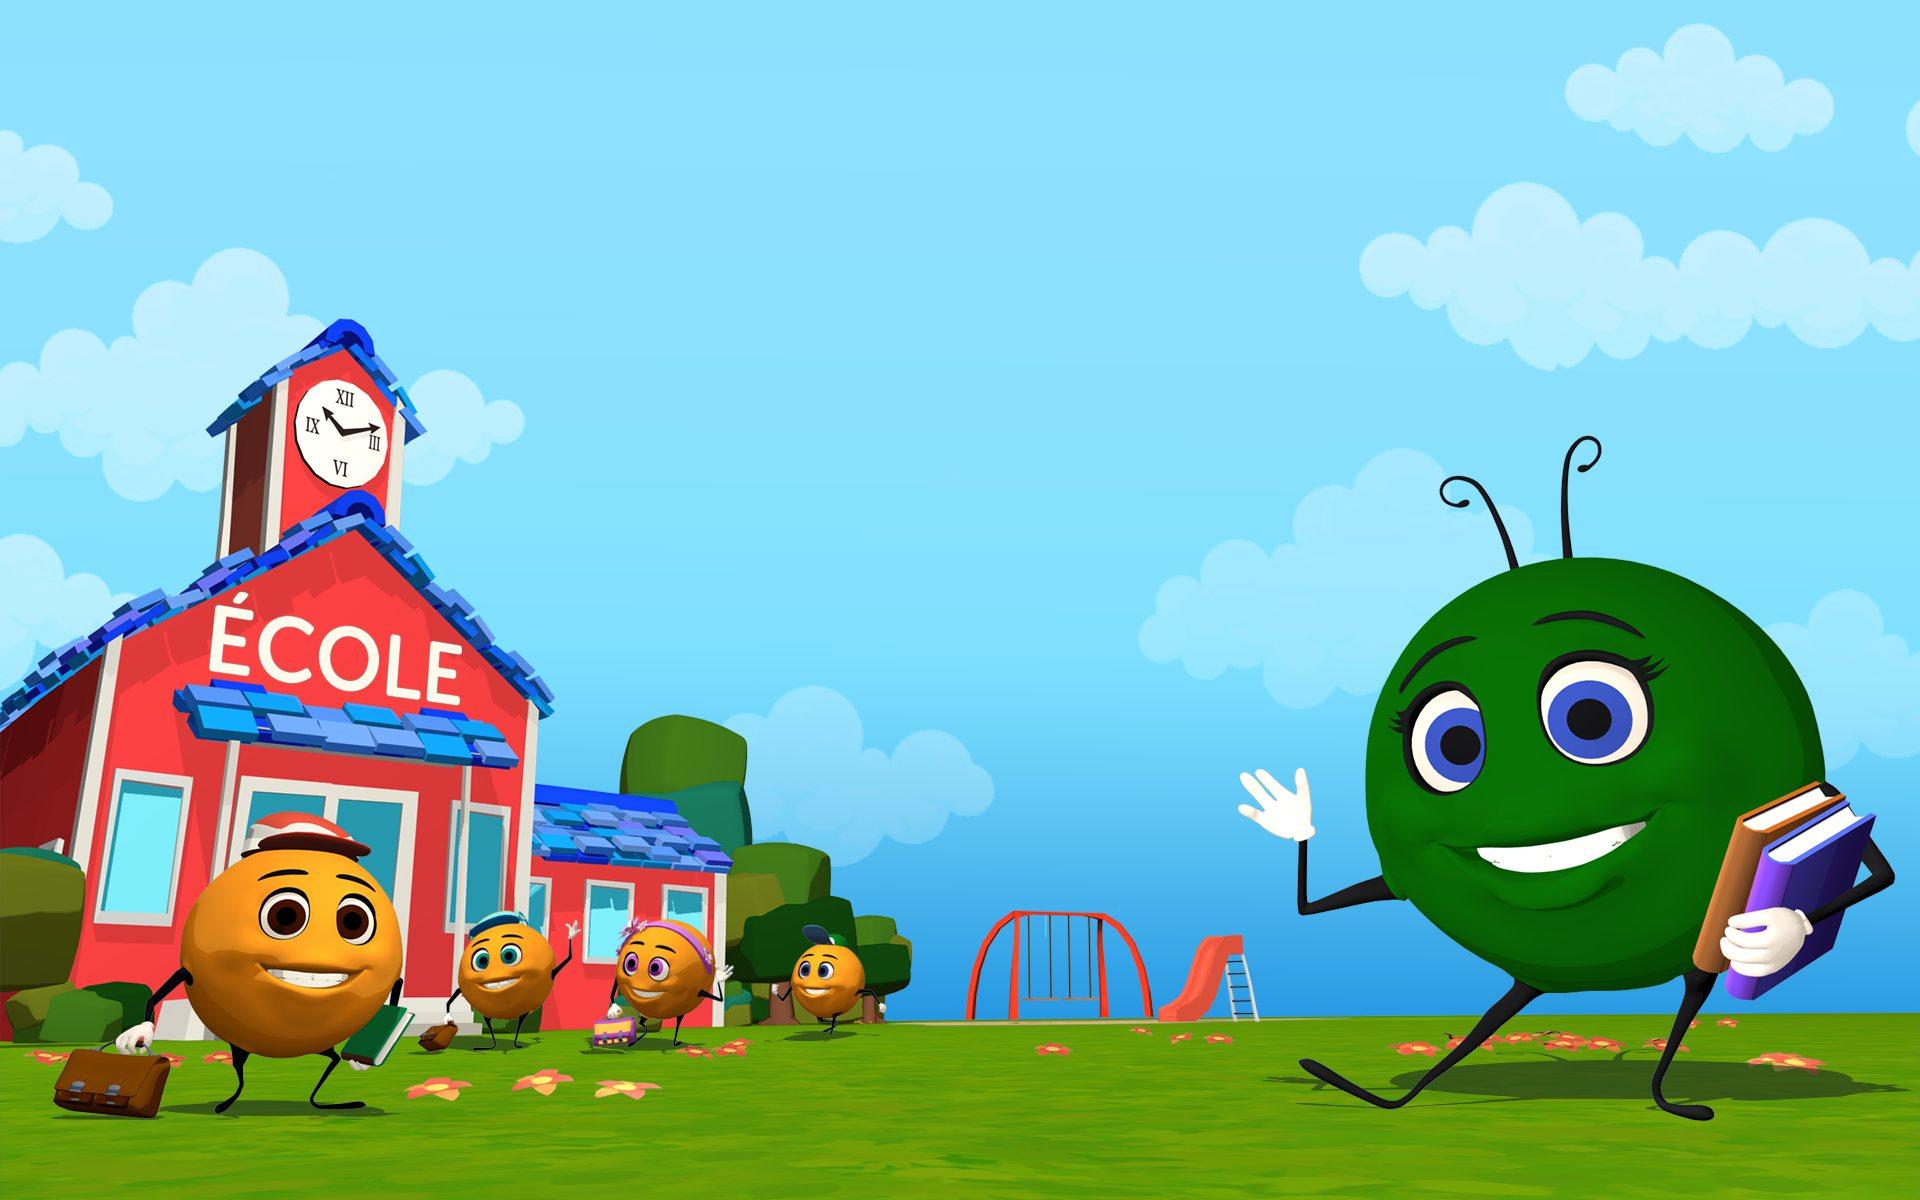 À gauche de l'image, les petits Mos devant l'école. À droite, Madame Mo vous envoie la main.